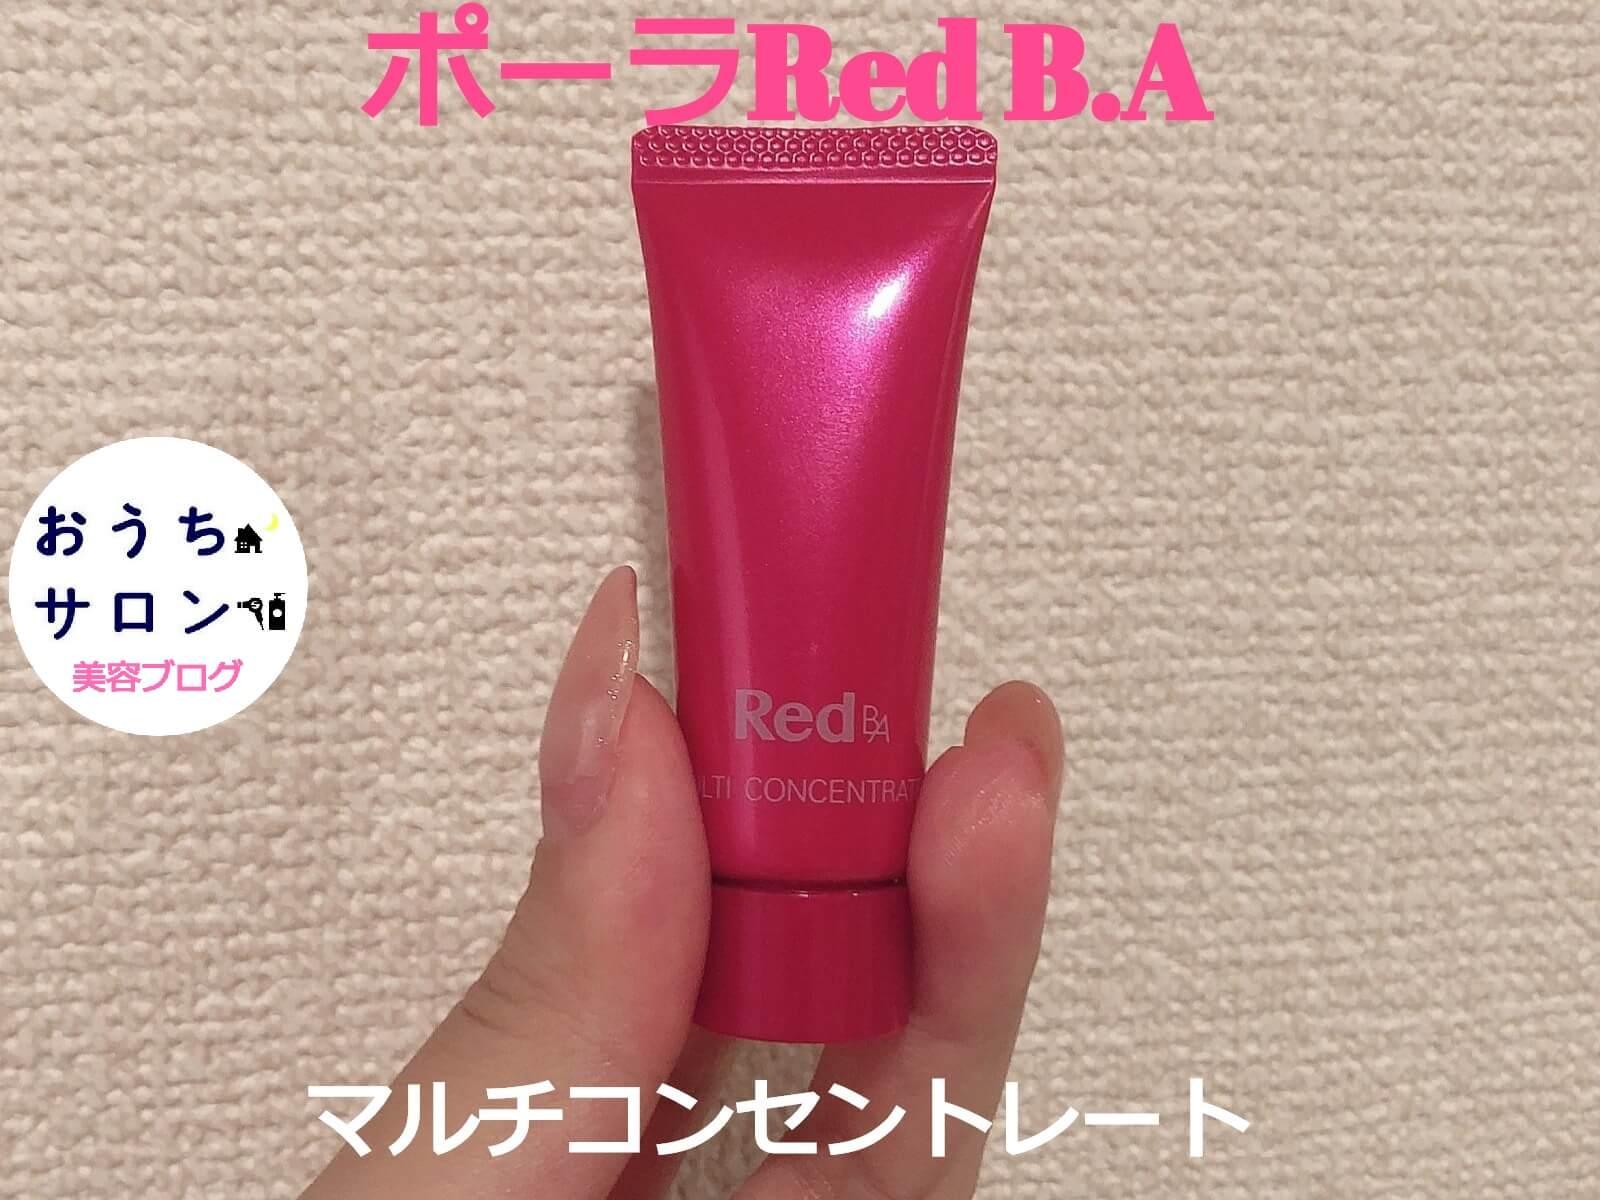 POLA Red B.A マルチコンセントレート